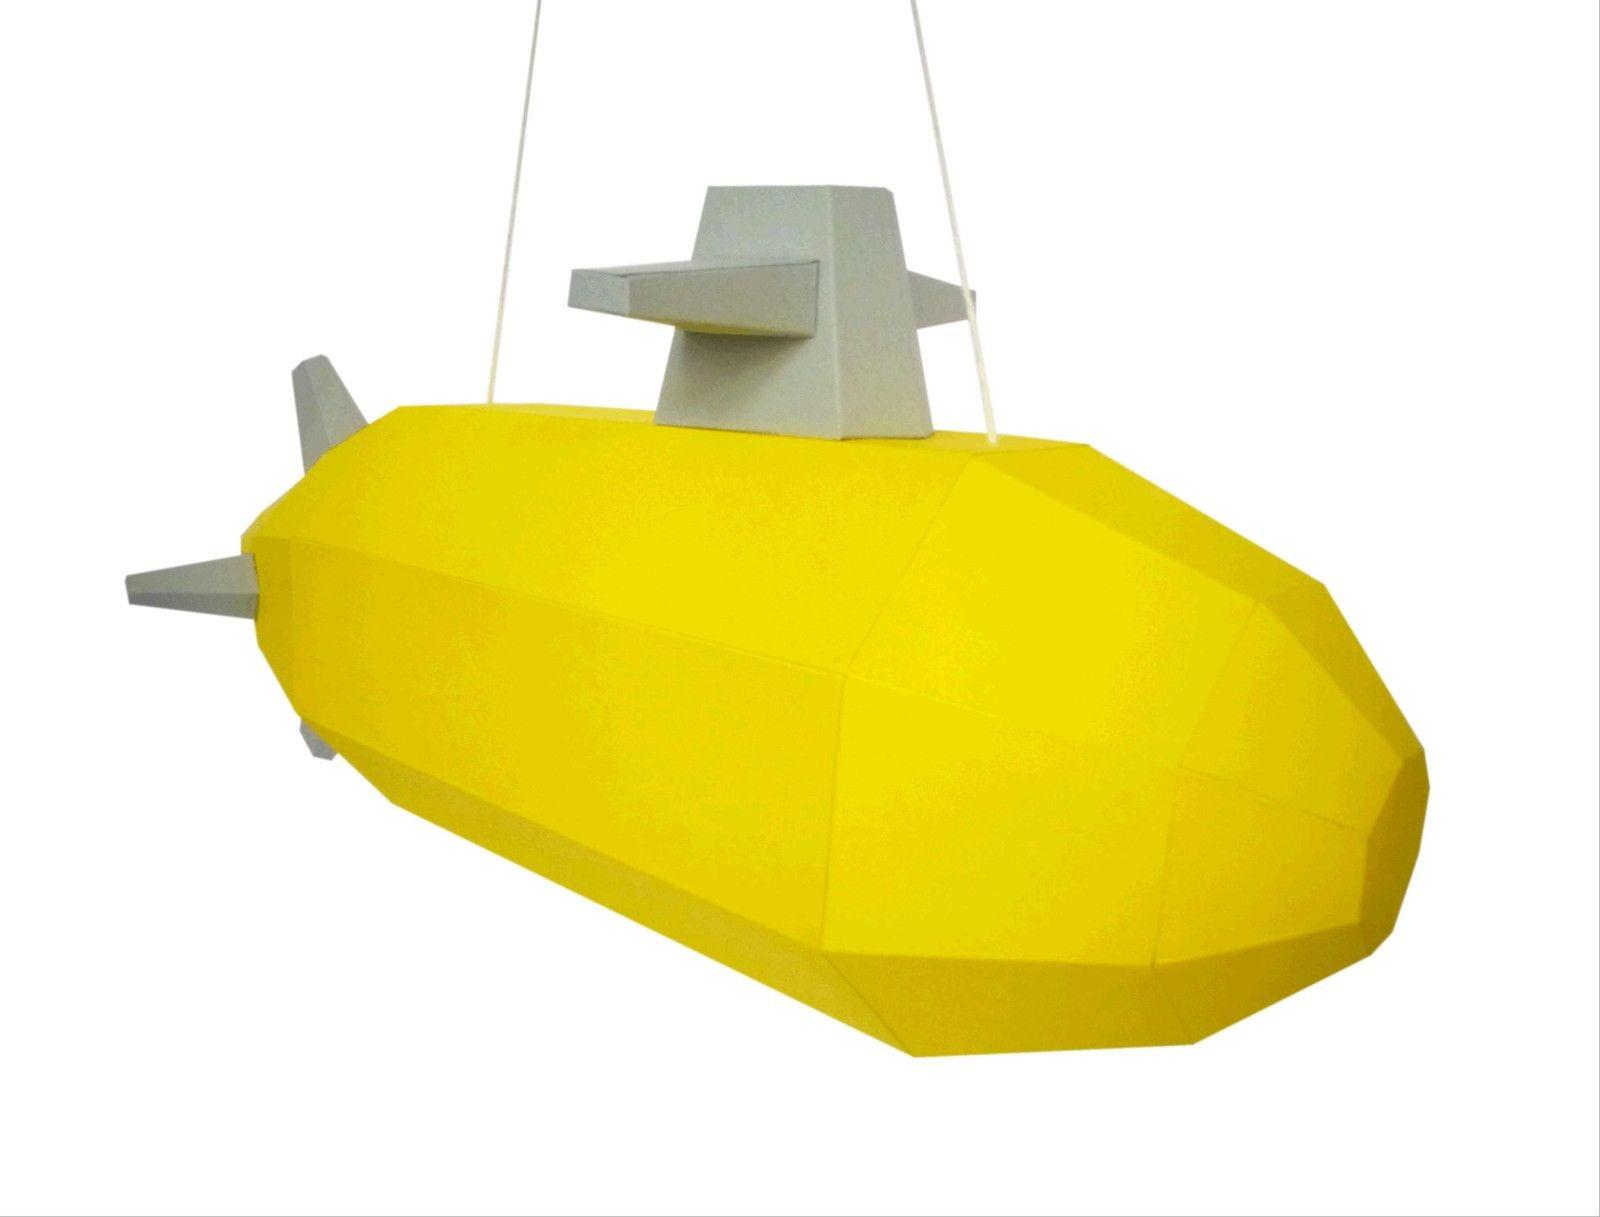 Papercraft Submarine Yellow Submarine Staňte Se Kapitánem žluté Ponorky Upozorněn